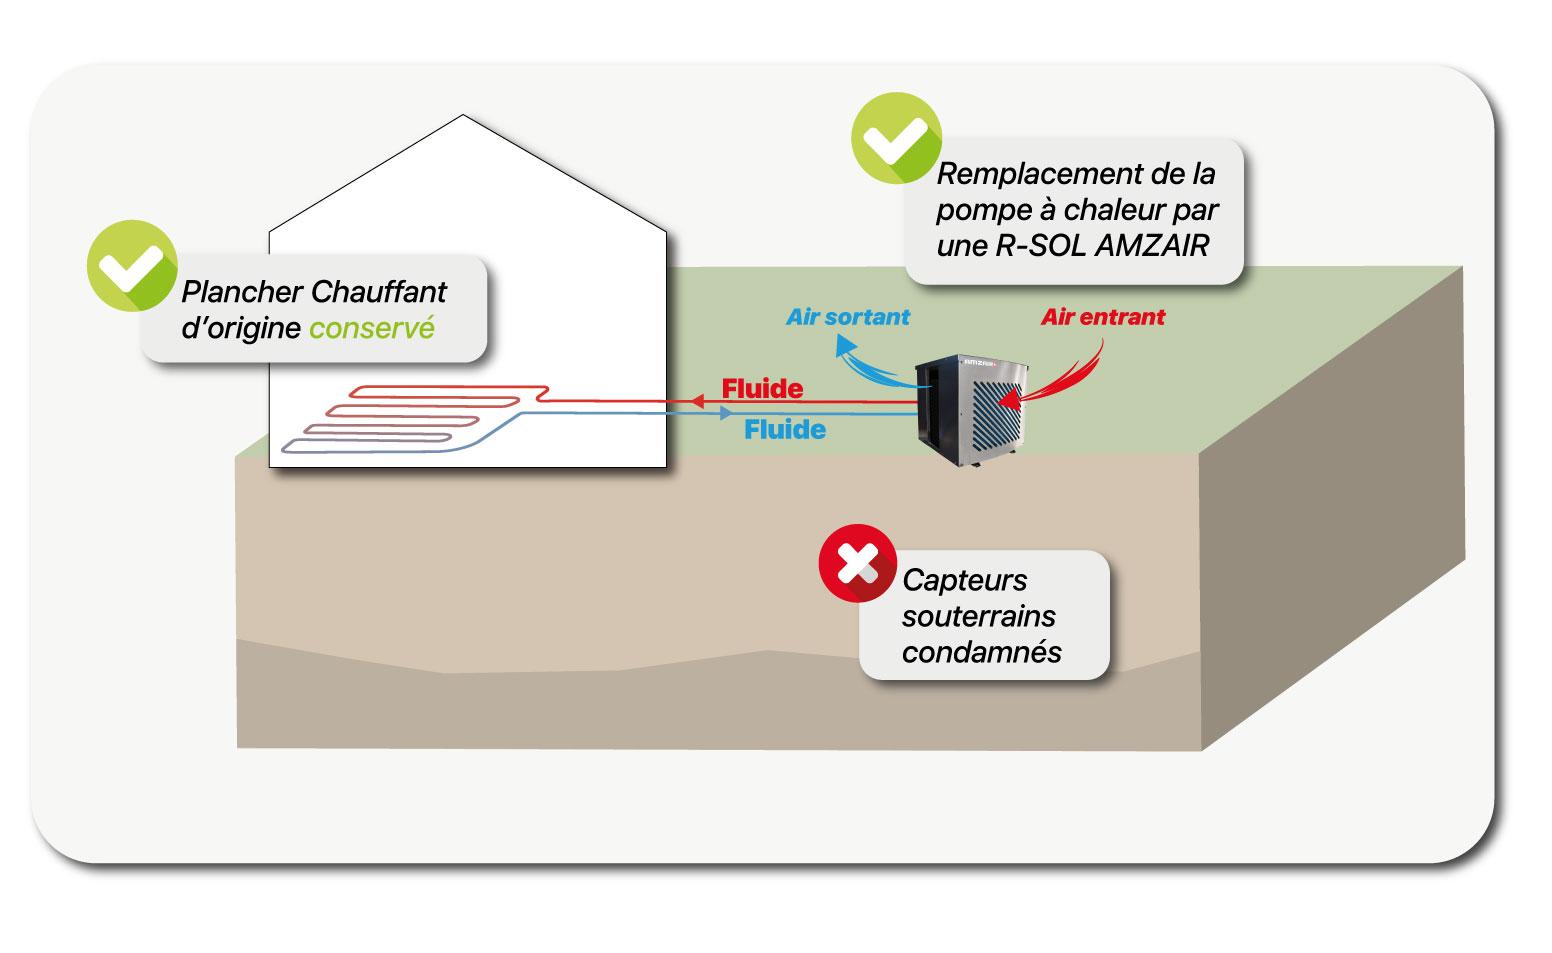 Fonctionnement-de-la-pompe-à-chaleur-R-SOL-air-gaz-AMZAIR-pour-le-remplacement-de-pompe-à-chaleur-gaz-gaz-suppression-des-capteurs-souterrains-probleme